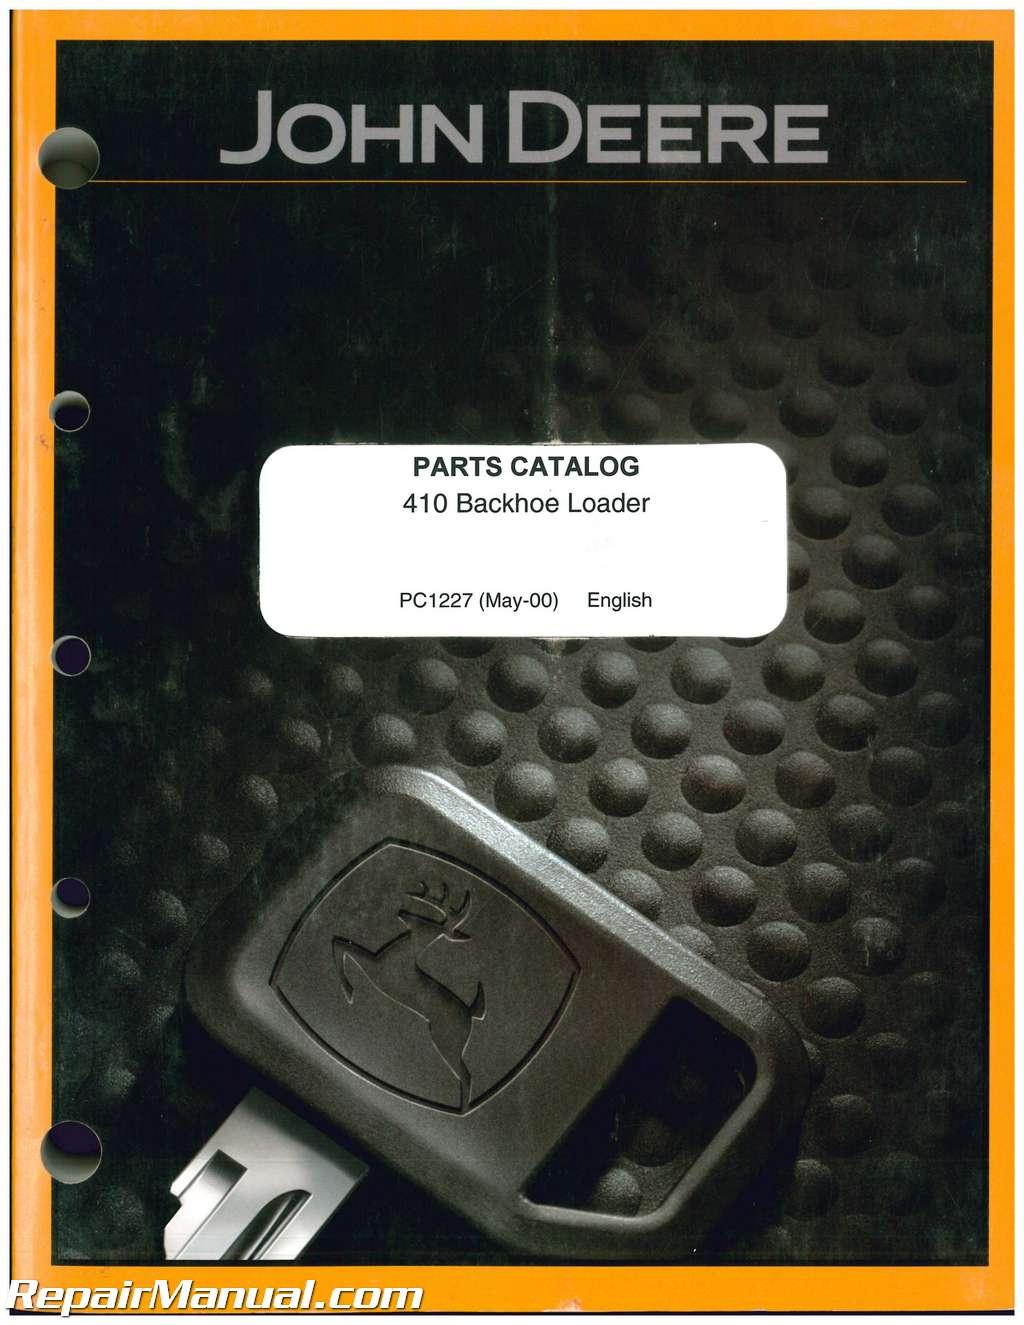 john deere 410 loader backhoe parts manual rh repairmanual com 410 John Deere Operator Manual John Deere JD 410 Service Manual